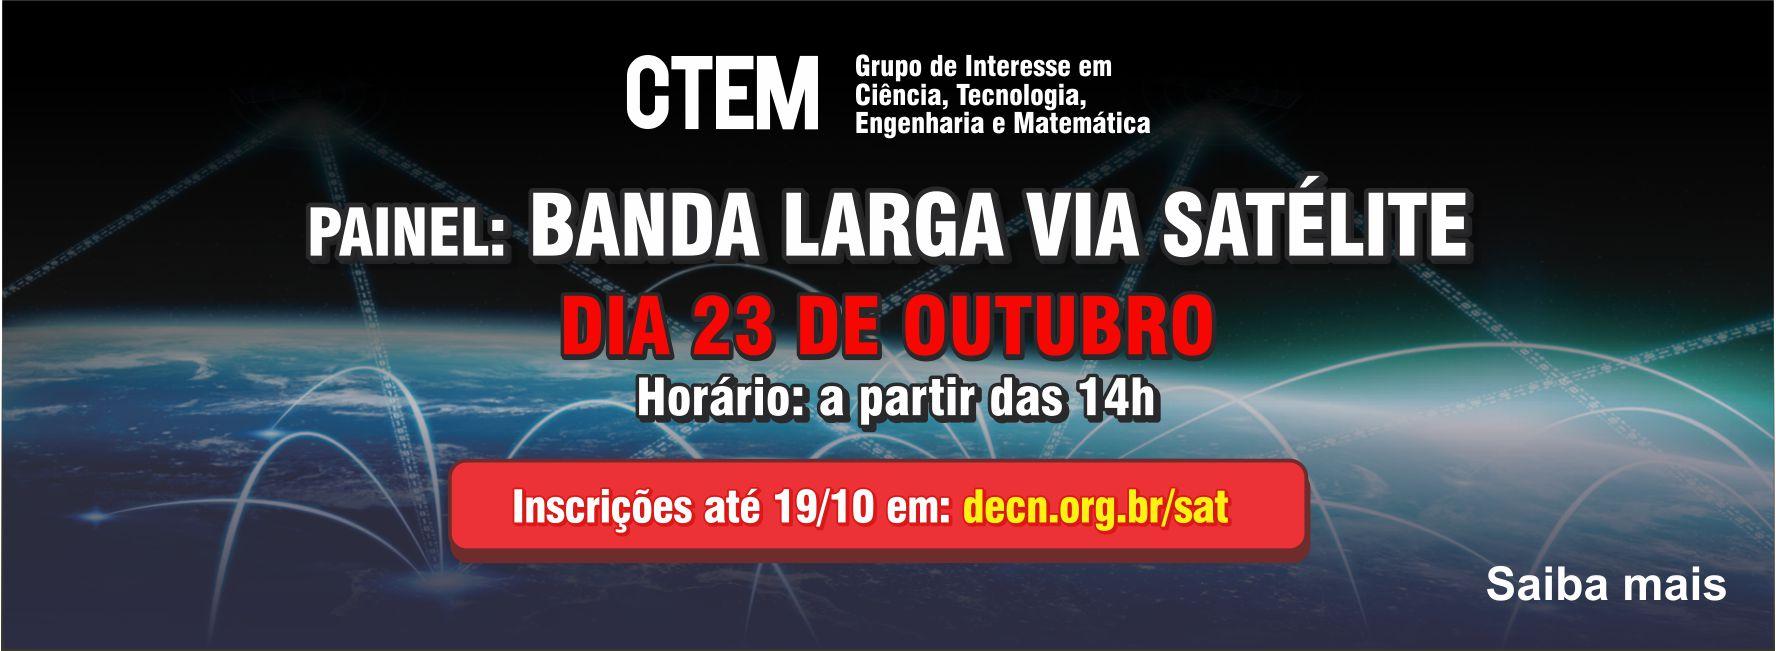 https://www.clubenaval.org.br/novo/ctem-grupo-de-interesse-em-tecnologia-engenharia-e-matem%C3%A1tica